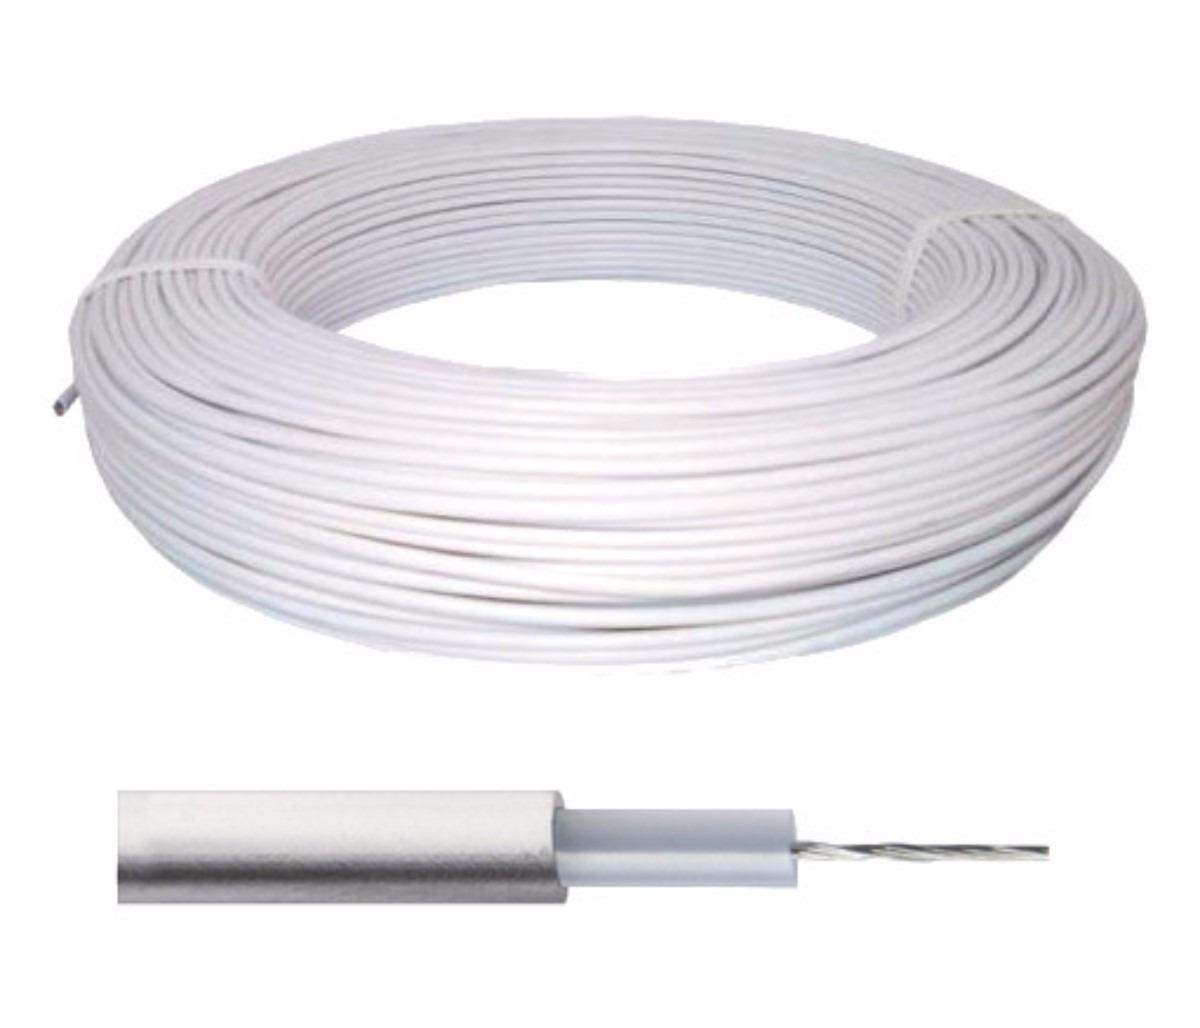 Fio alta tensão 5 mm (Caixa c/ 100m)